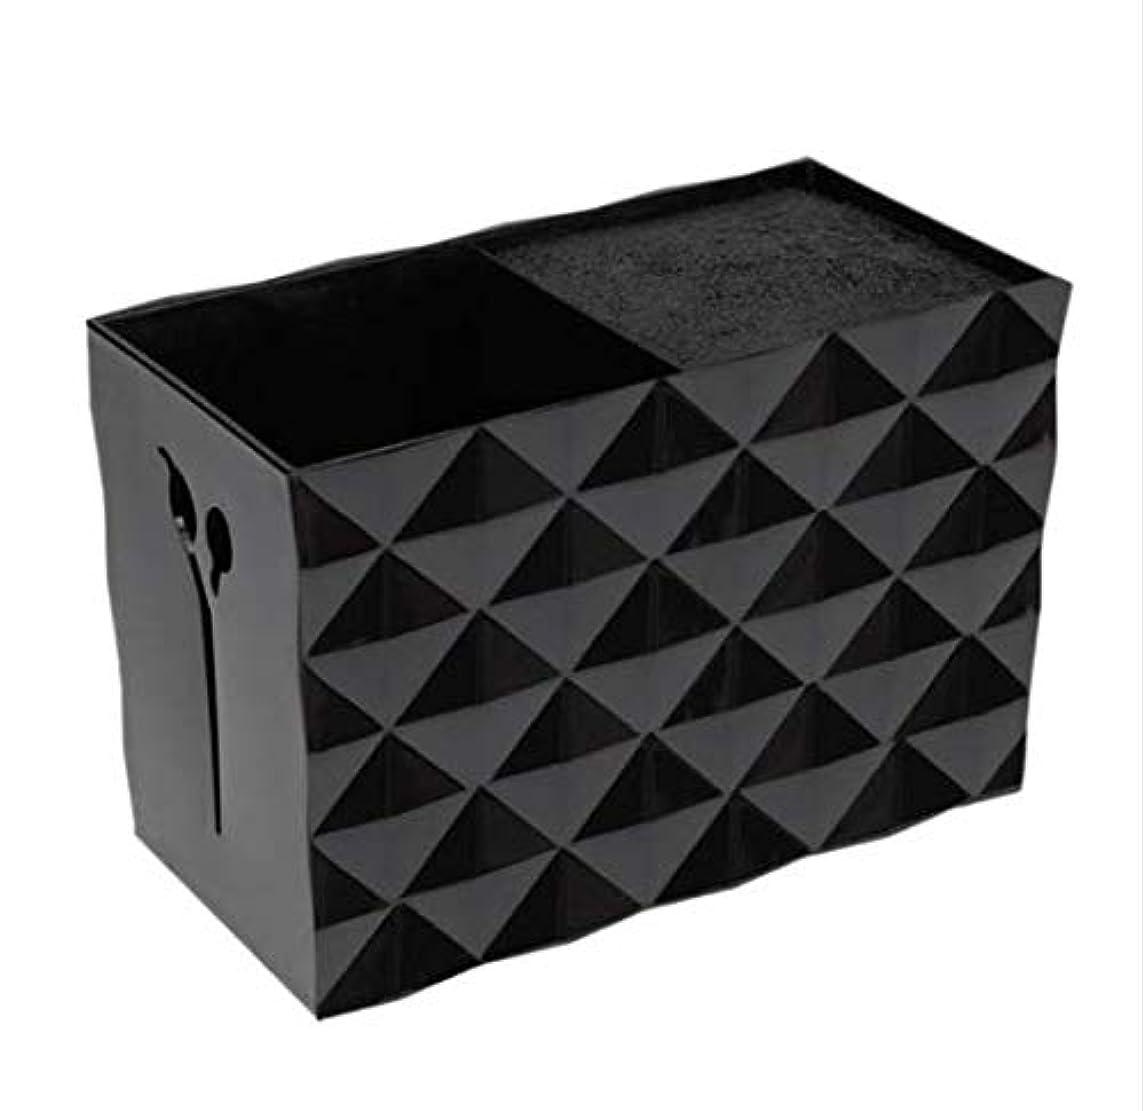 包帯やさしいロボットLivemarket プロのアクセサリー非スリップソケット髪シザー櫛ポットスタンドケーススタイリングサロンヘアクリップ人気の収納ボックス (ブラック)